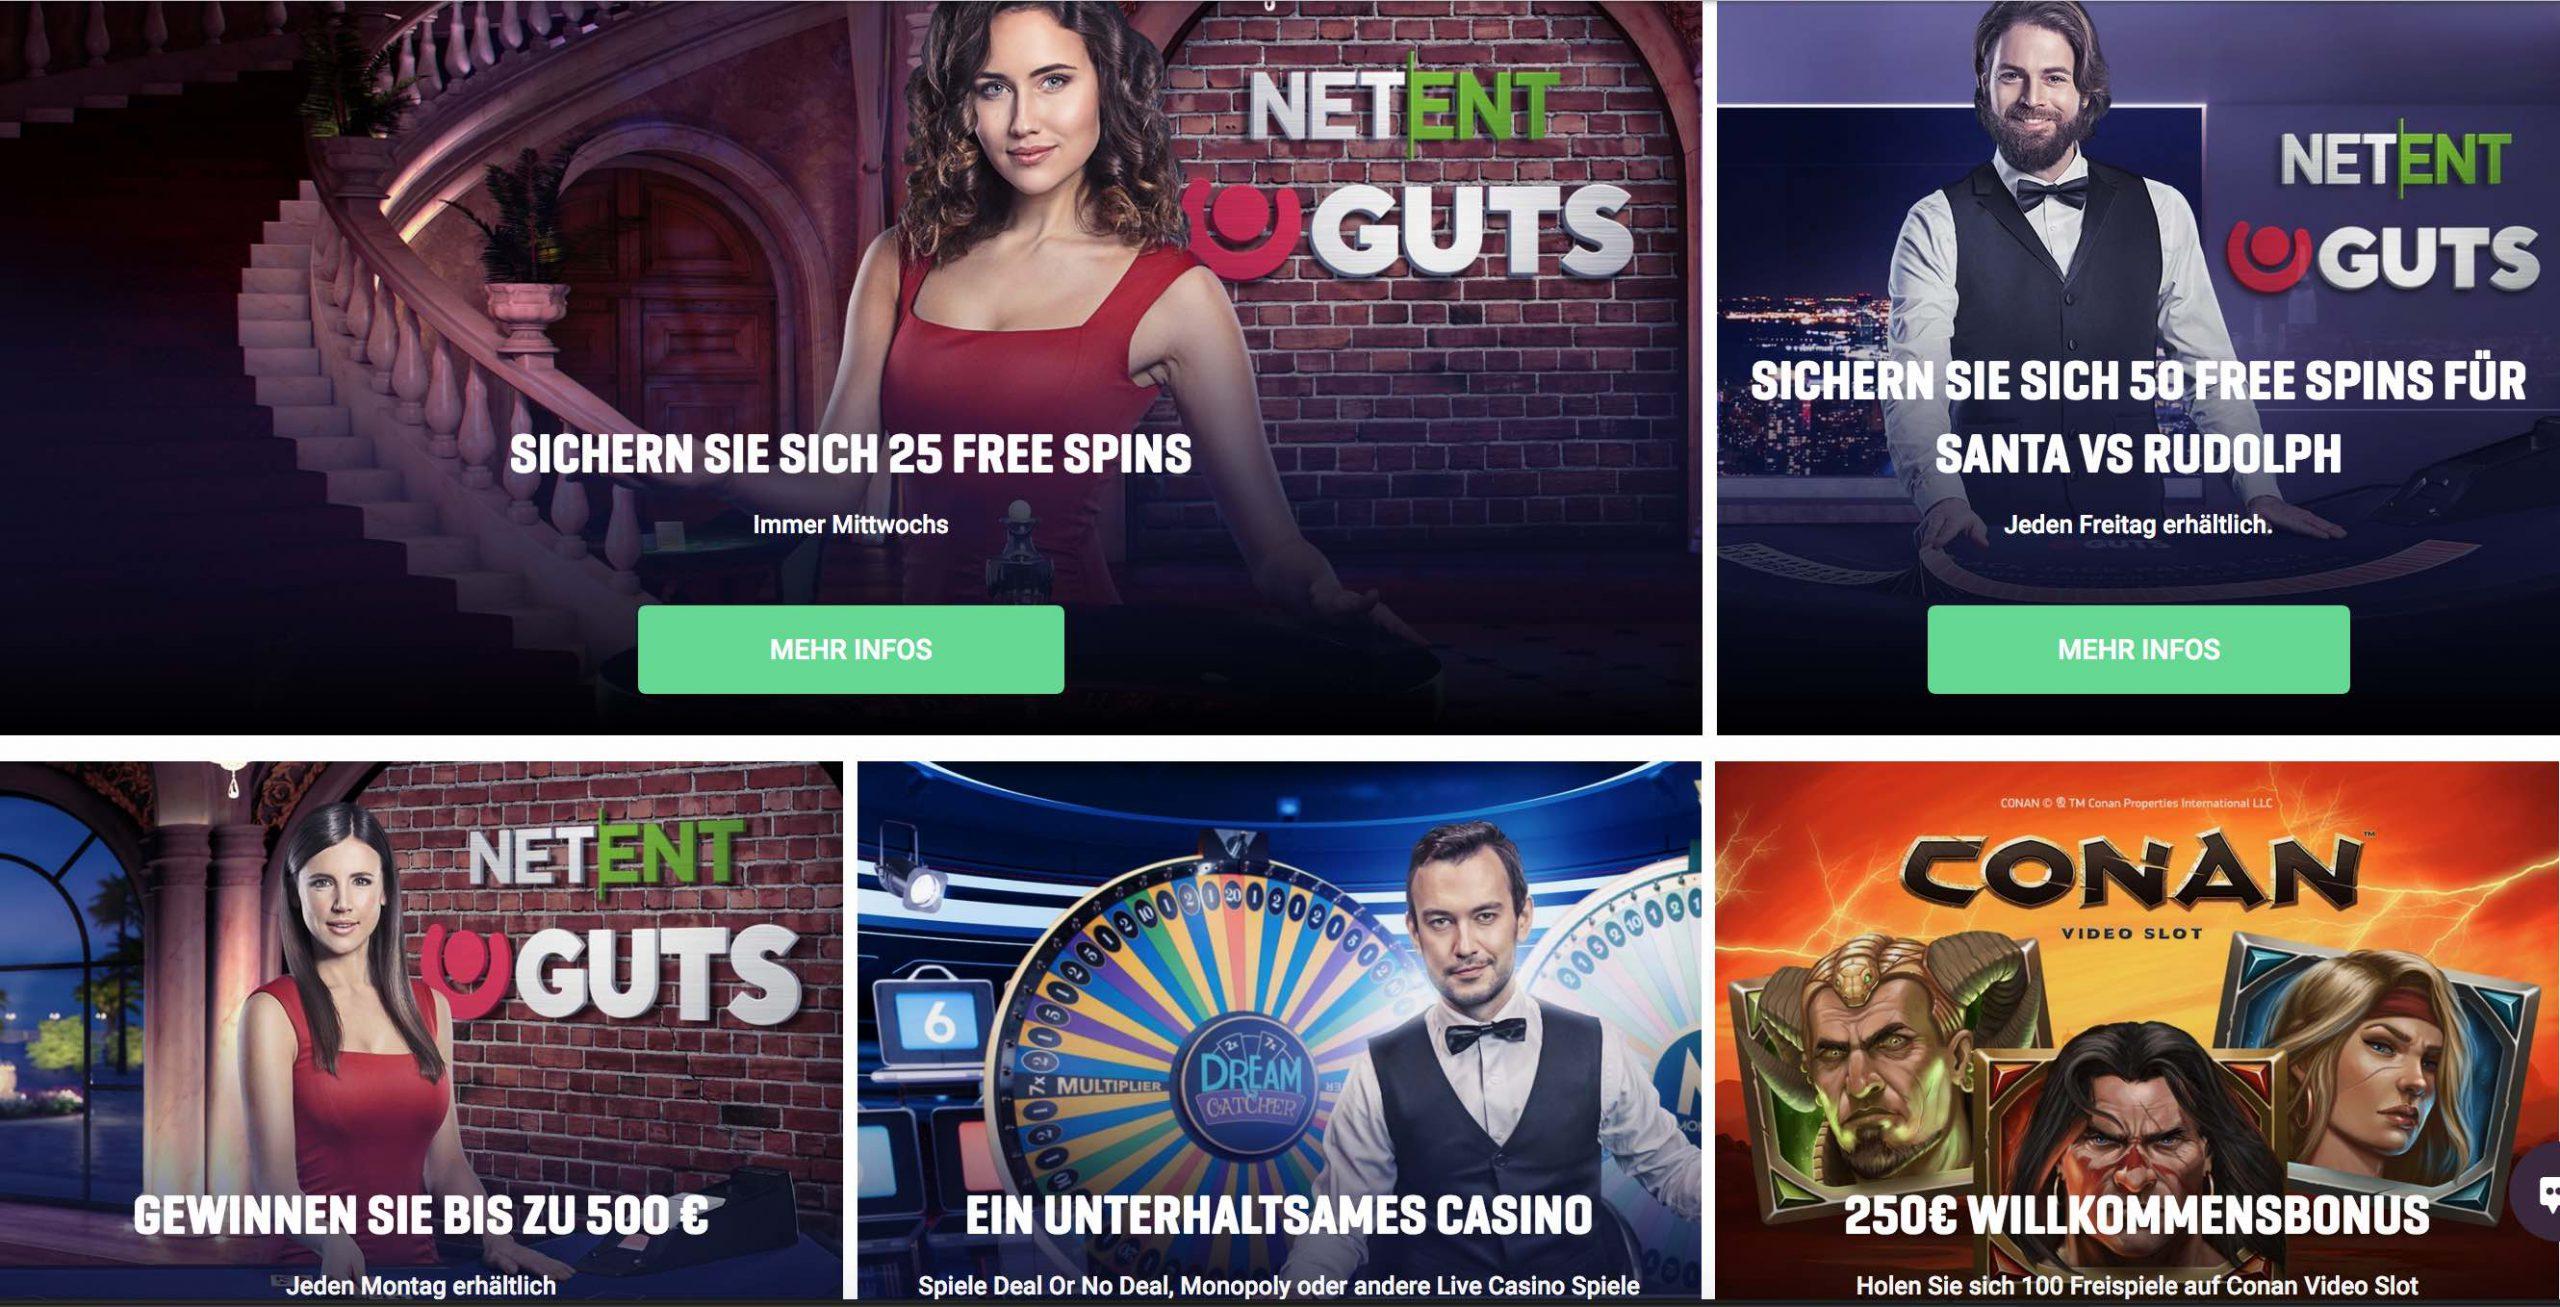 Guts Casino Bonus Angebote und Willkomensbonus